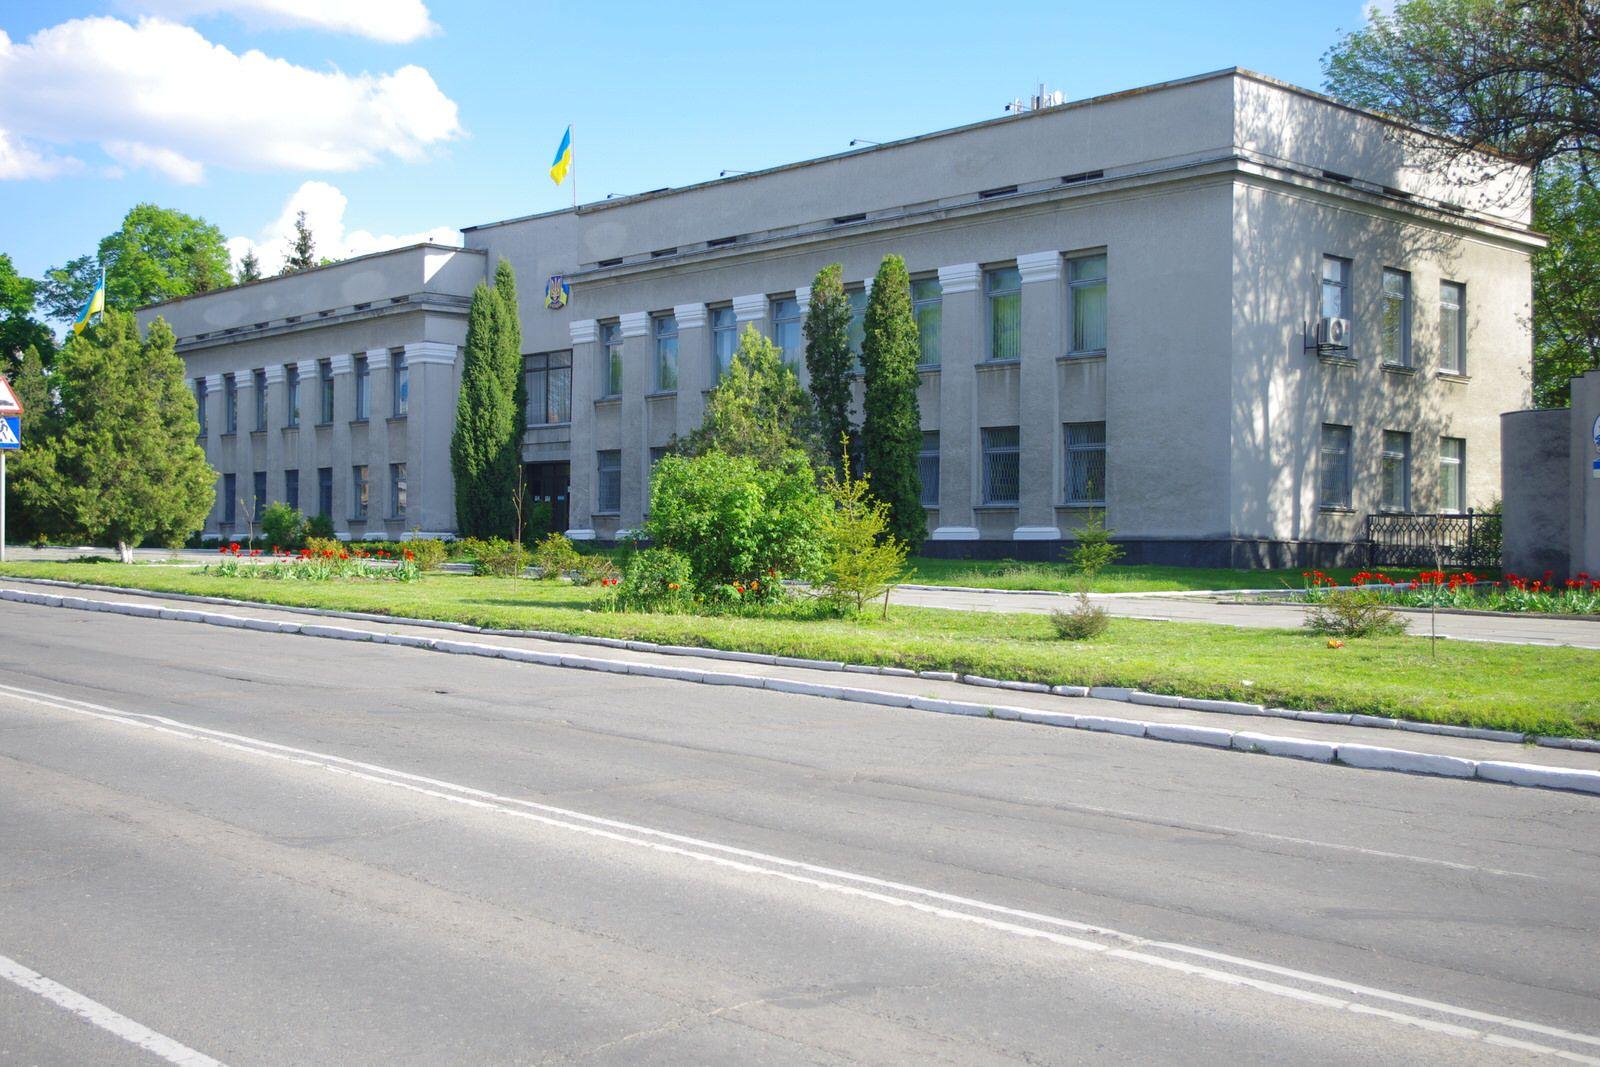 zvenyhorodska-raionna-derzhavna-administratsiia-cherkaskoi-oblasti